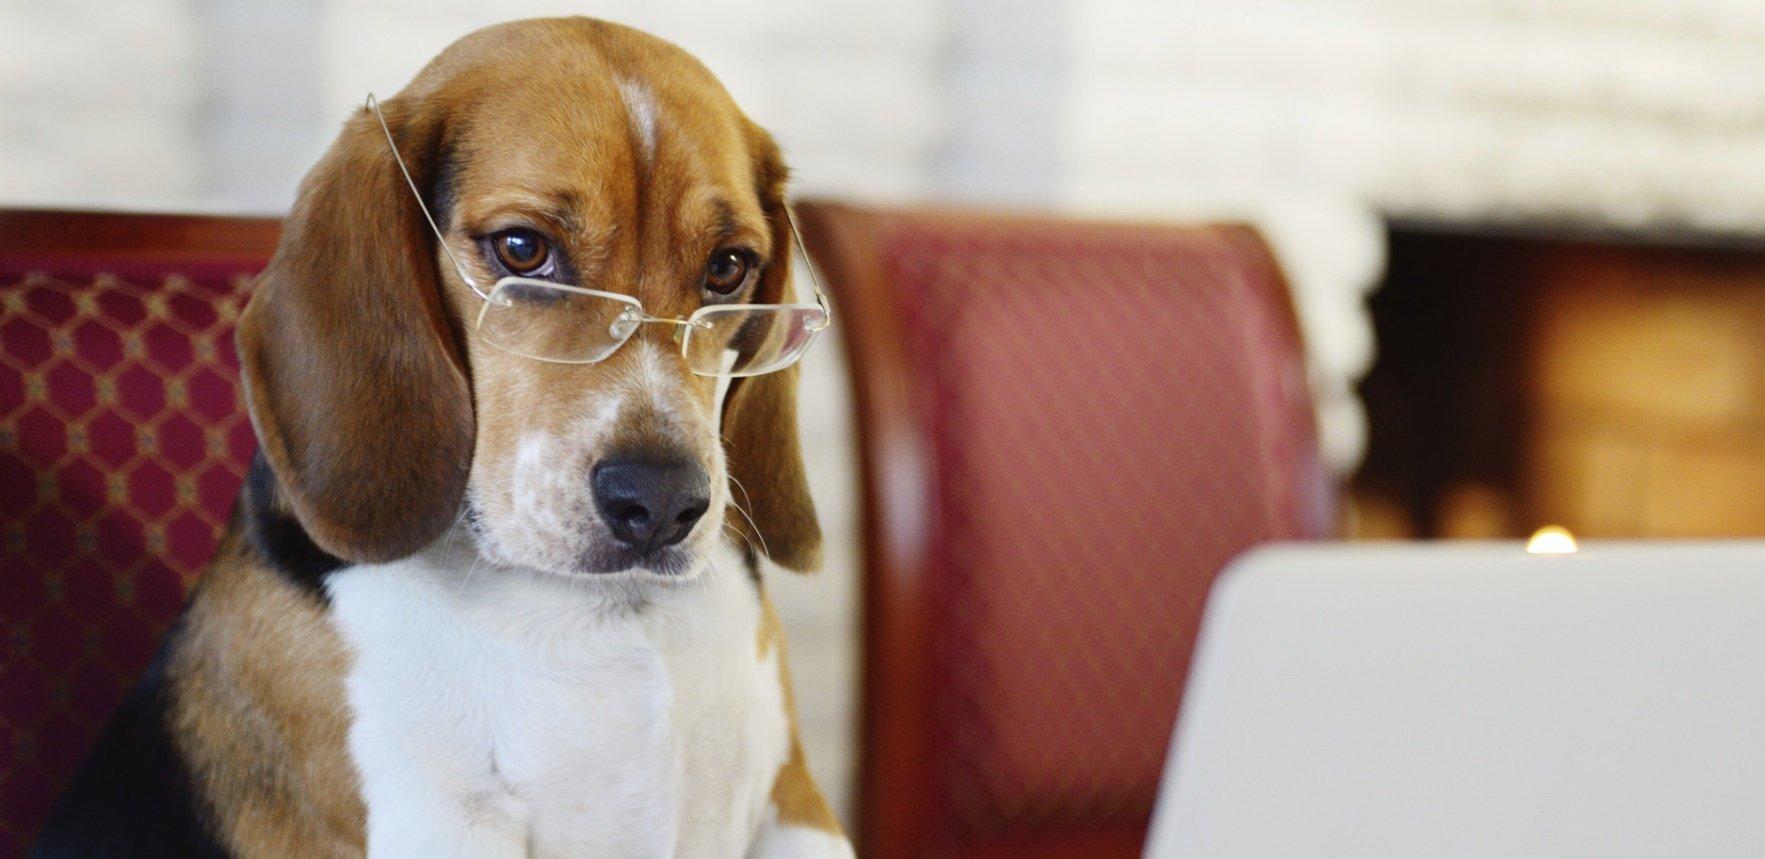 """cao cachorro inteligente.jpg?resize=412,232 - Gente como a gente? Cientista descobre que cachorros """"também são pessoas"""""""